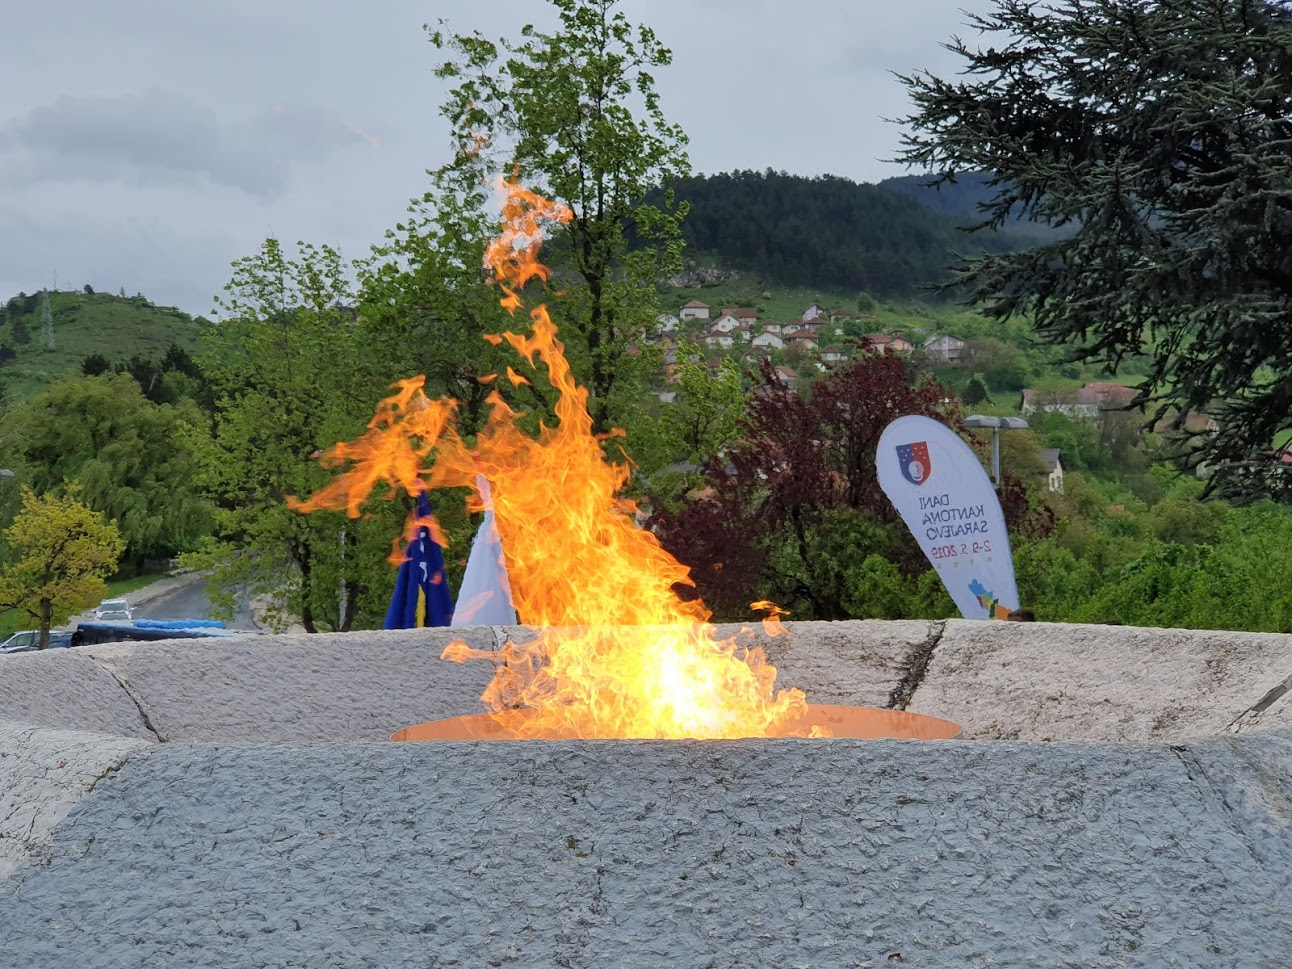 Vatra vraca 001